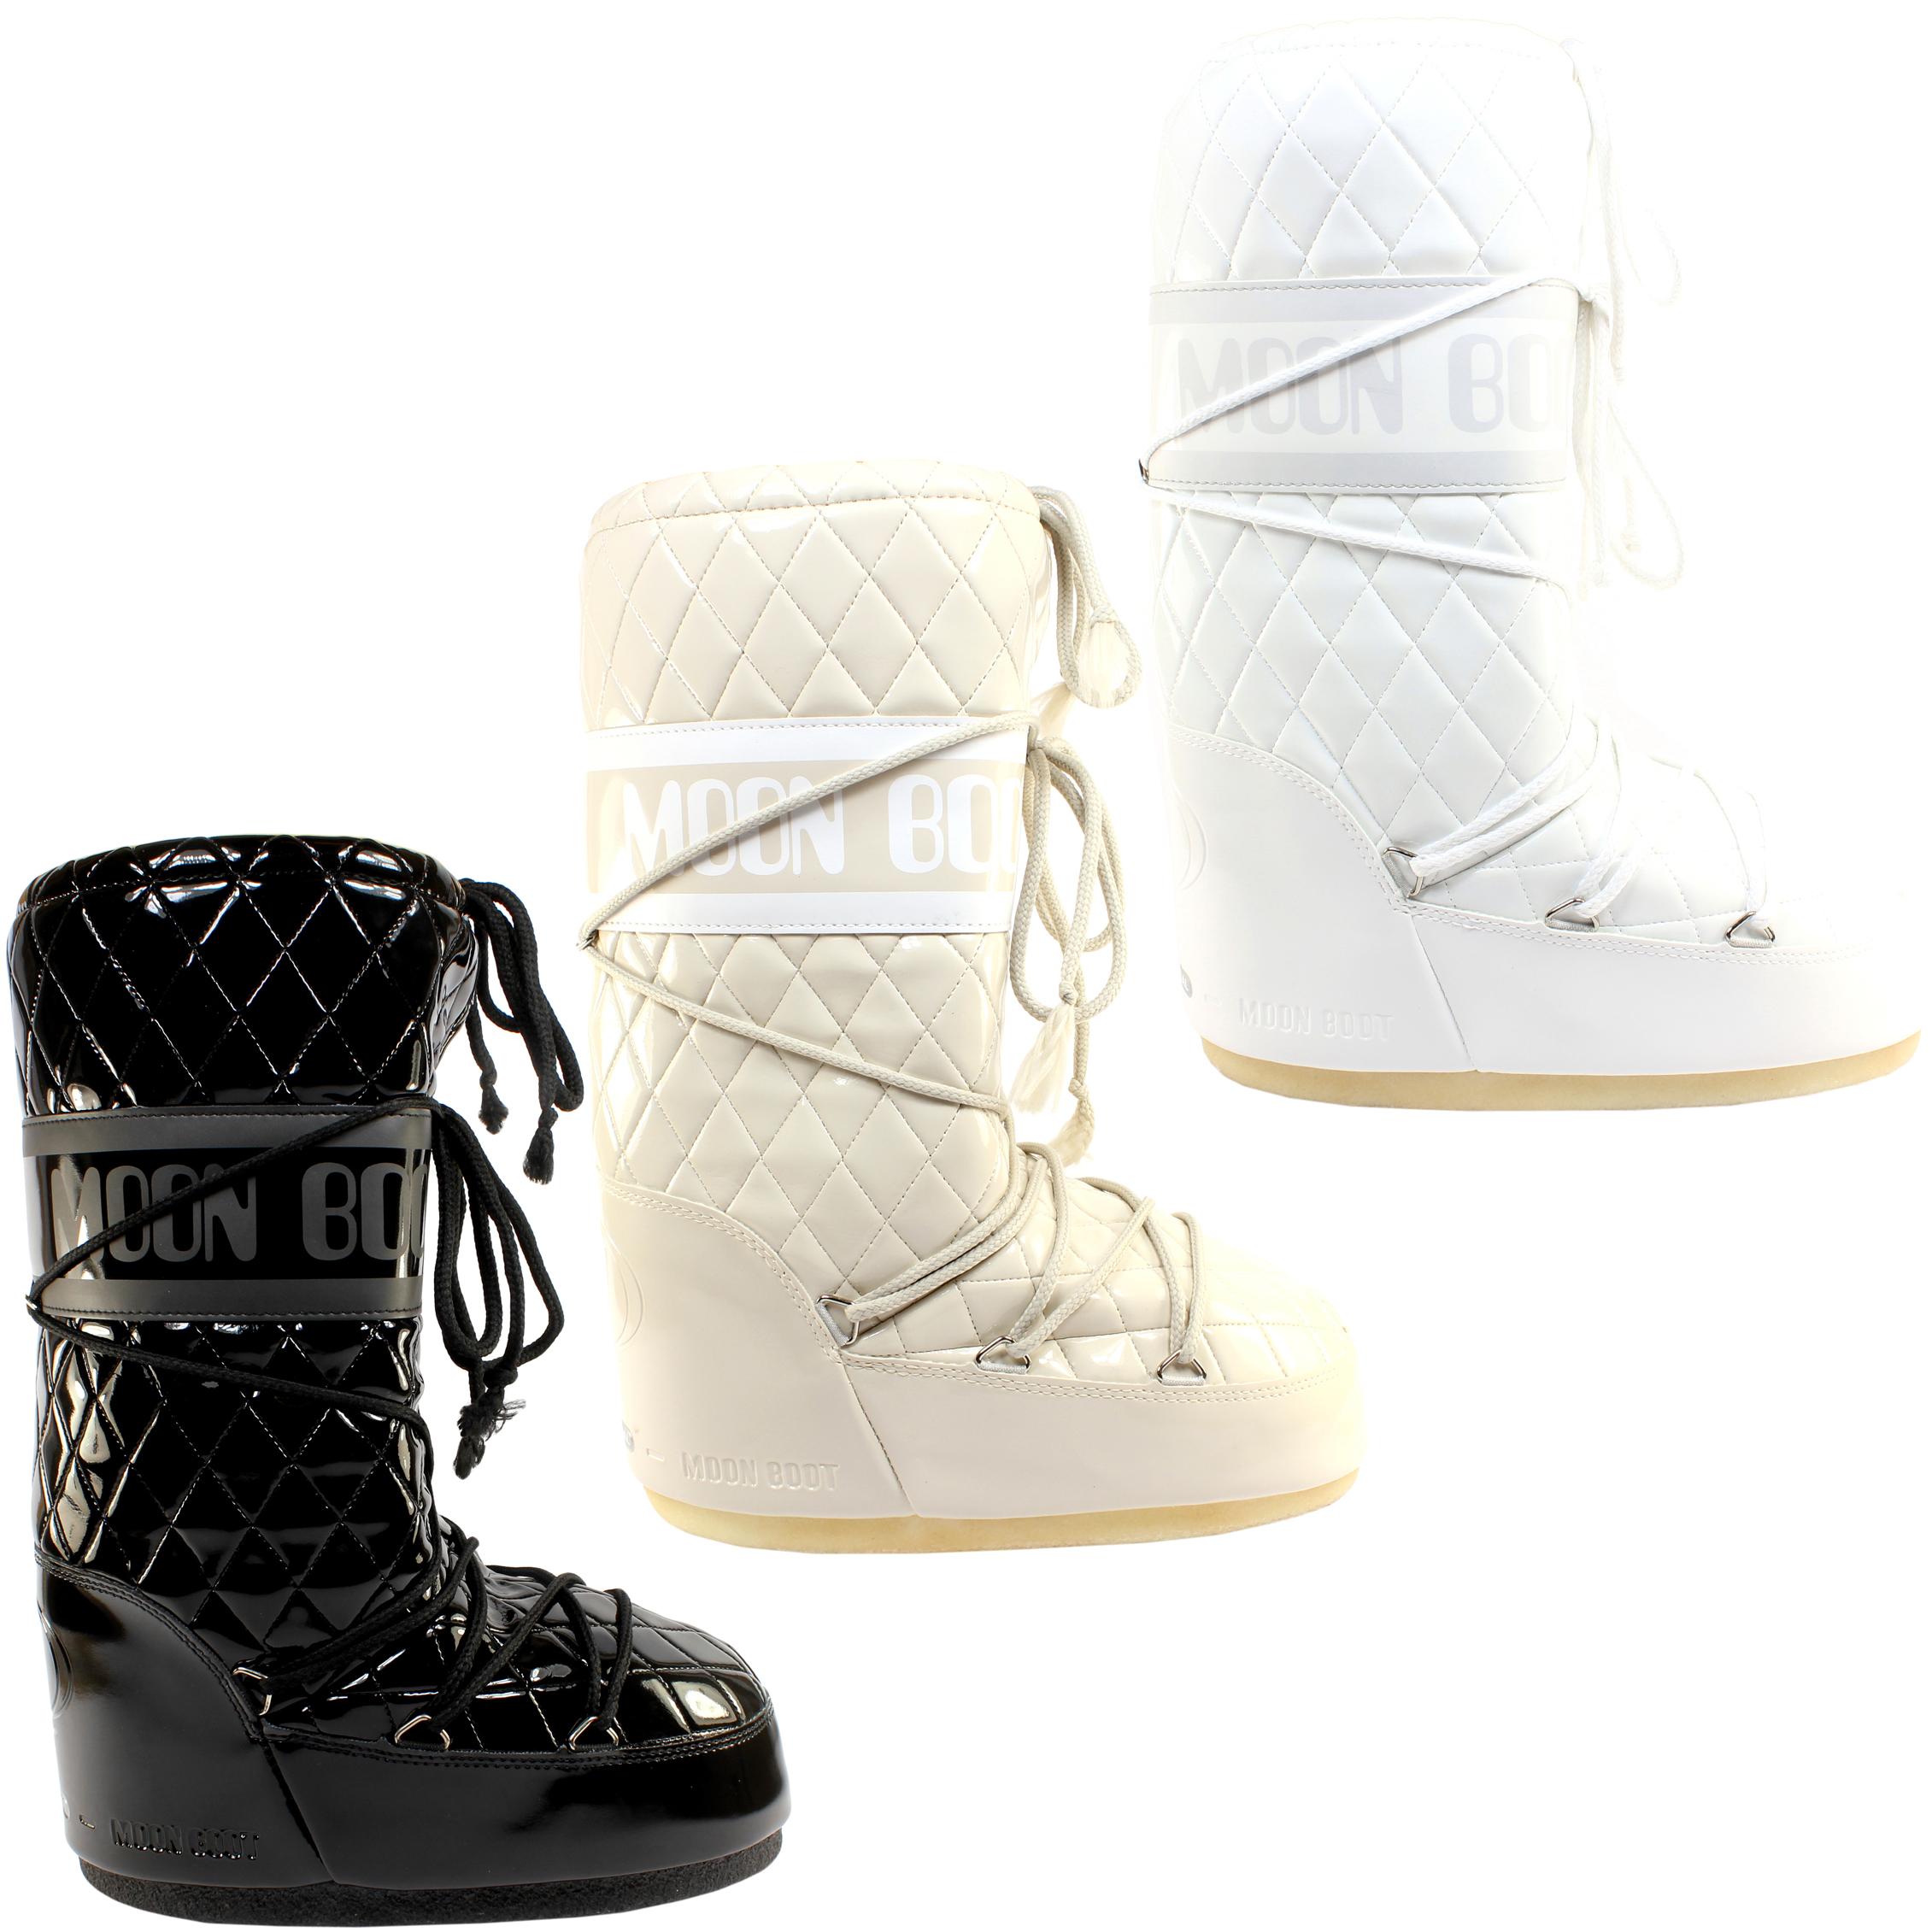 Scarpe da donna Tecnica Moon Boot Queen INVERNO sking Stivali 3 Colours 36-41 sizes